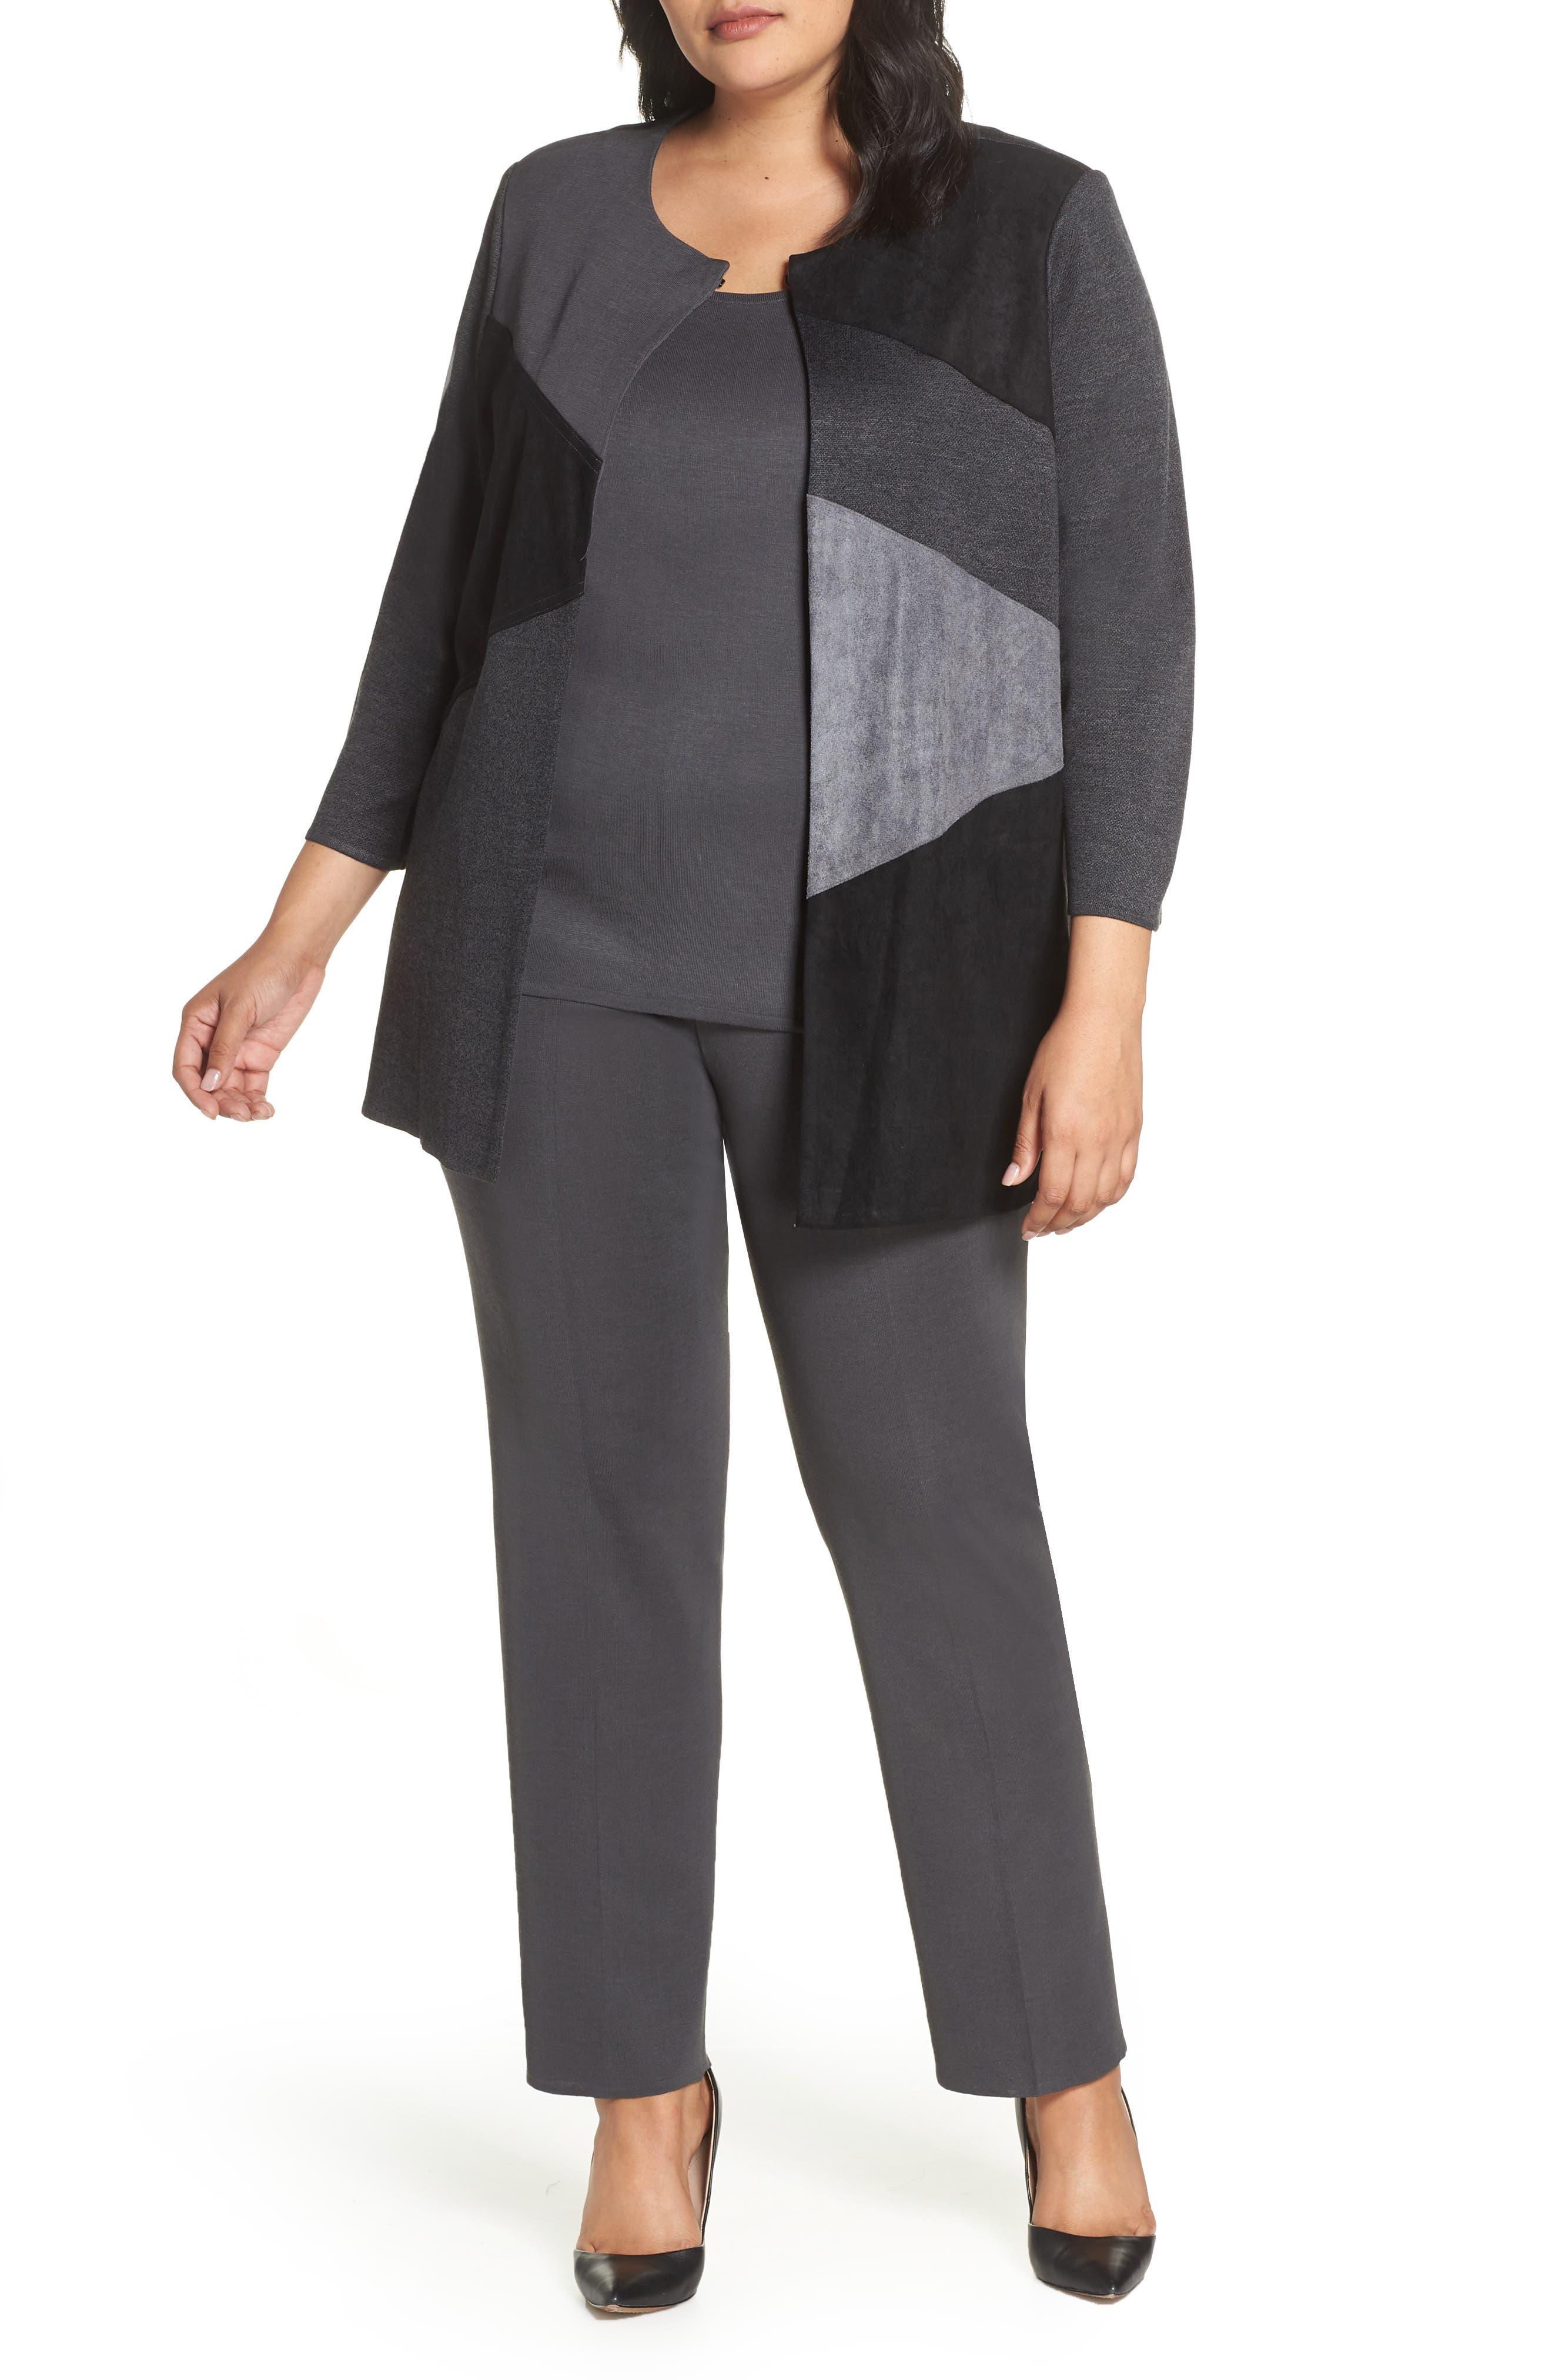 MING WANG, Colorblock Knit Jacket, Main thumbnail 1, color, BLACK/ GRANITE